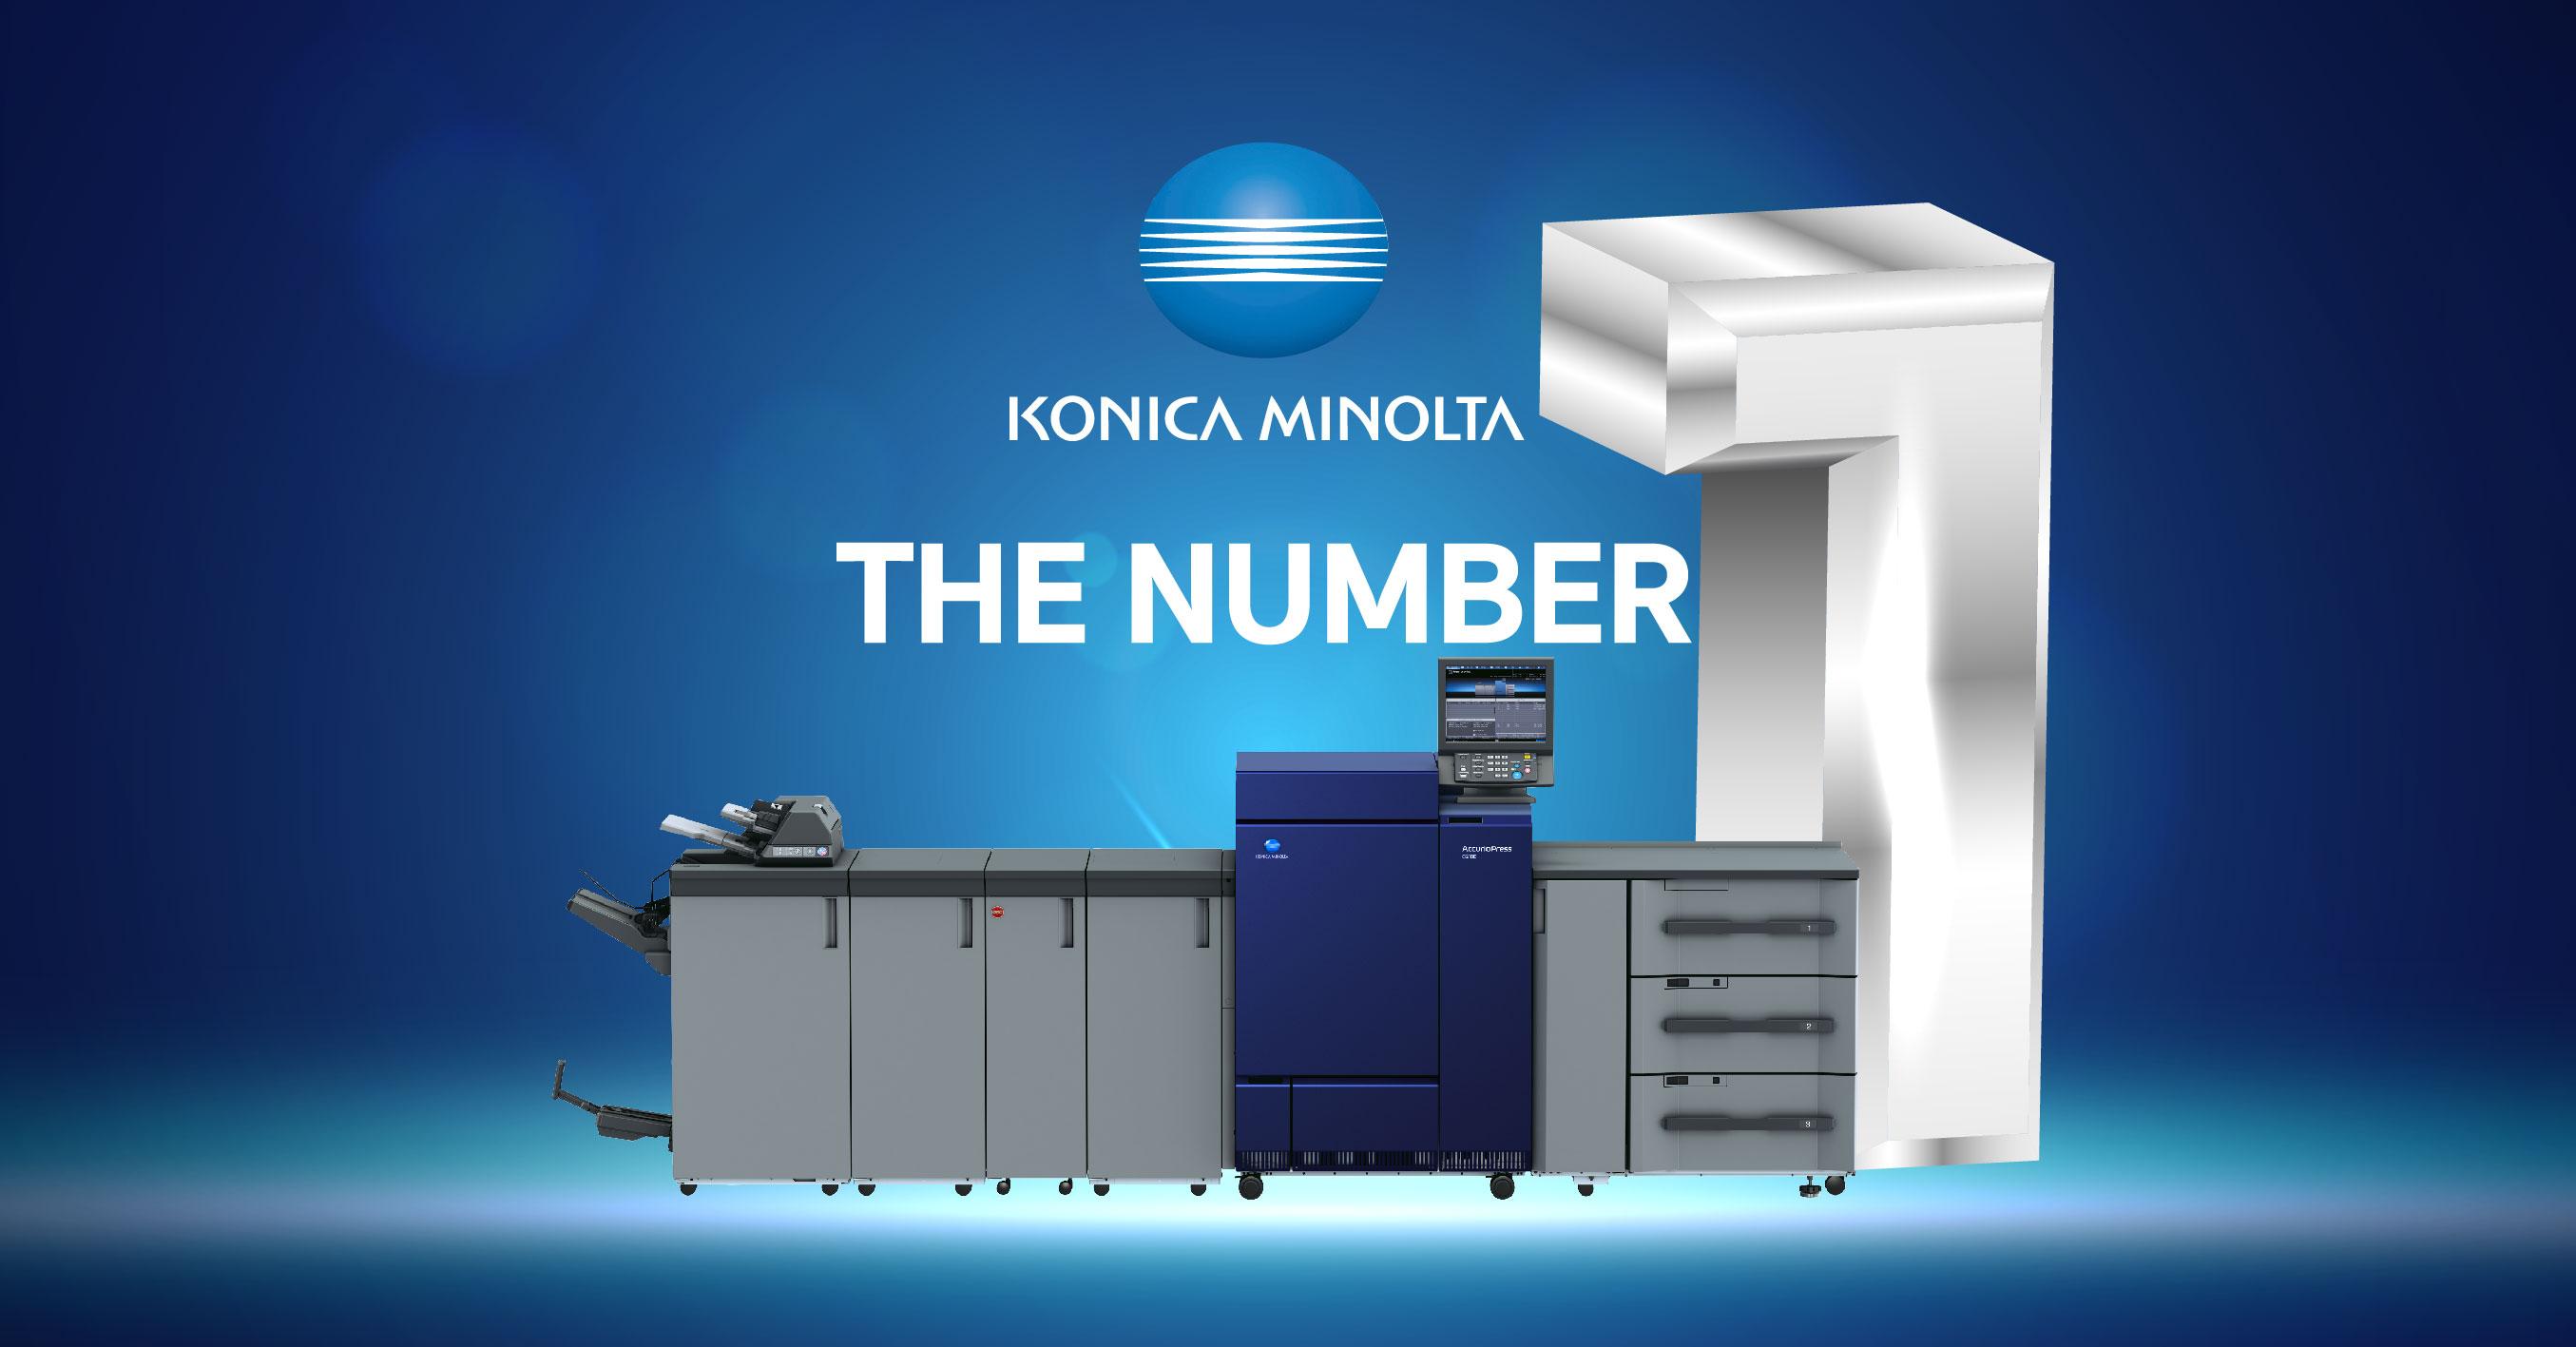 Konica Minolta เพิ่มความเชื่อมั่นให้กับผู้ประกอบการพิมพ์ ด้วยยอดขายอันดับ 1